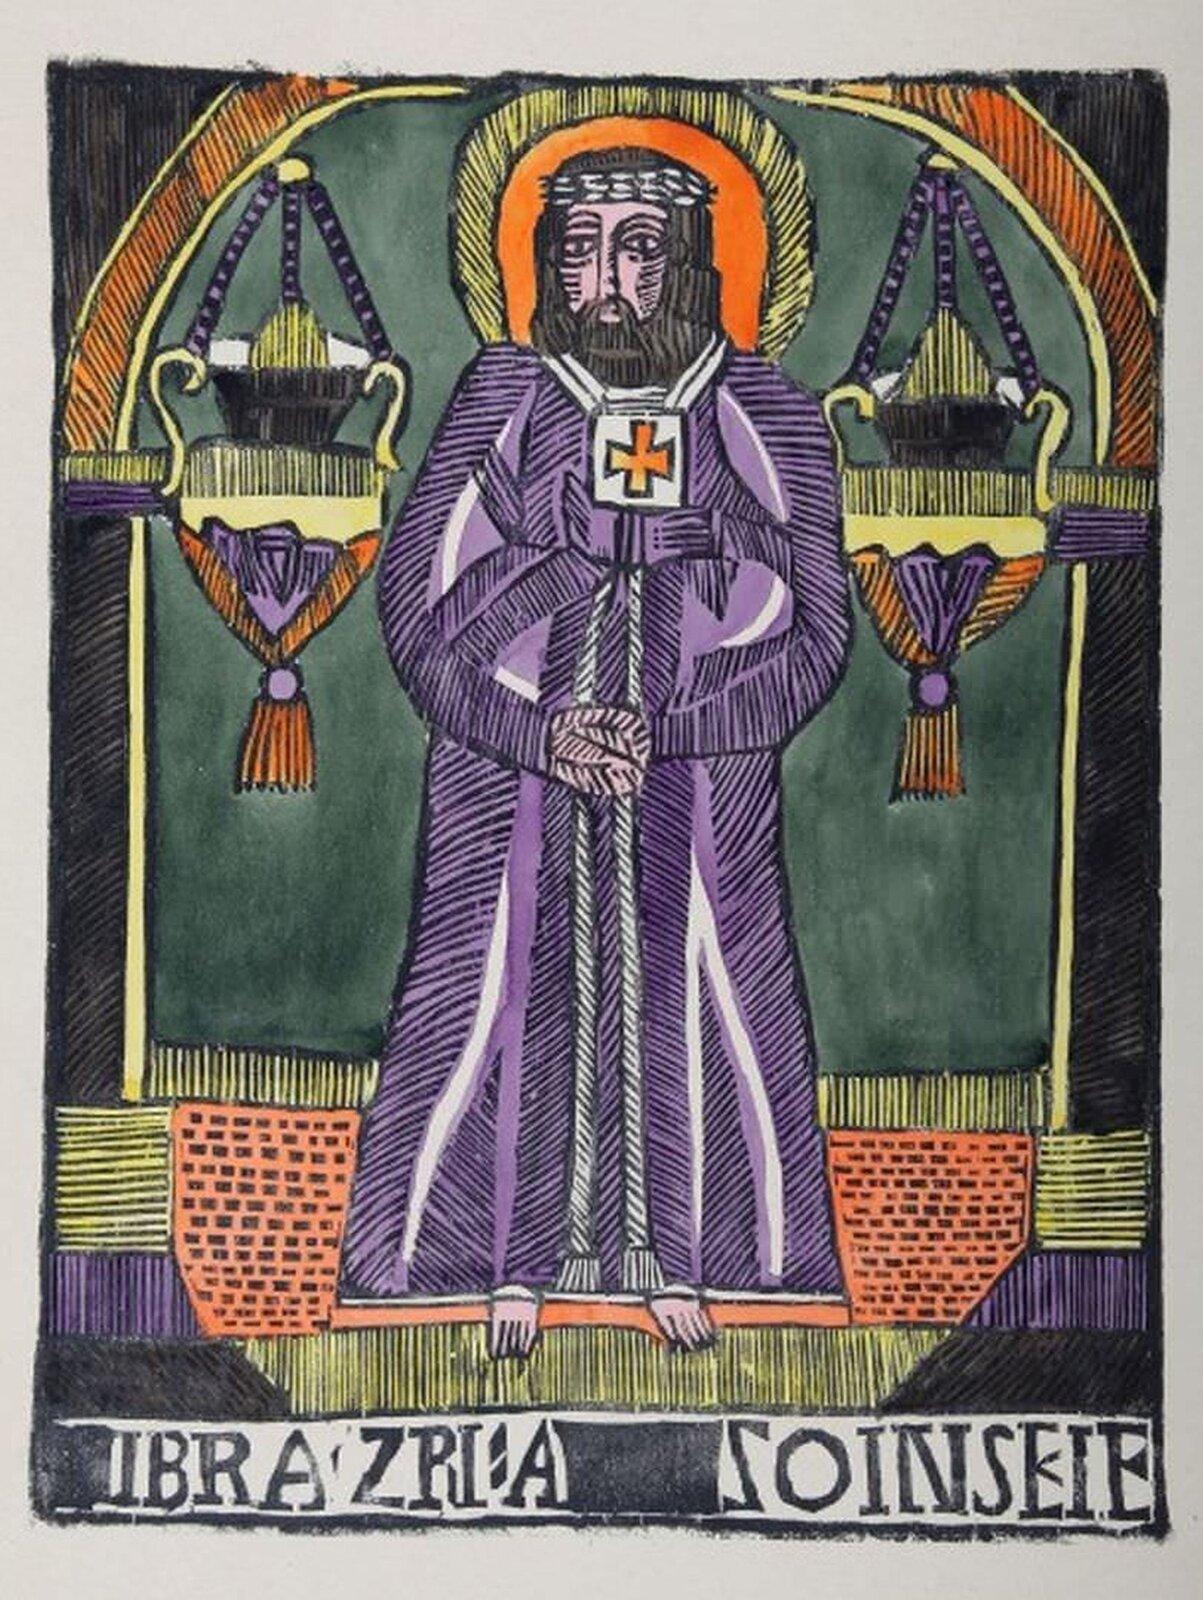 """""""Ilustracja przedstawiająca drzeworyt ukazujący Jezusa czekającego na sąd przez Piłatem. Jezus ma fioletową szatę, ana głowie ma koronę cierniową. Chrystus ma pomarańczową aureolę. Po bokach widać dwa płonące, zdobione lampiony. """""""